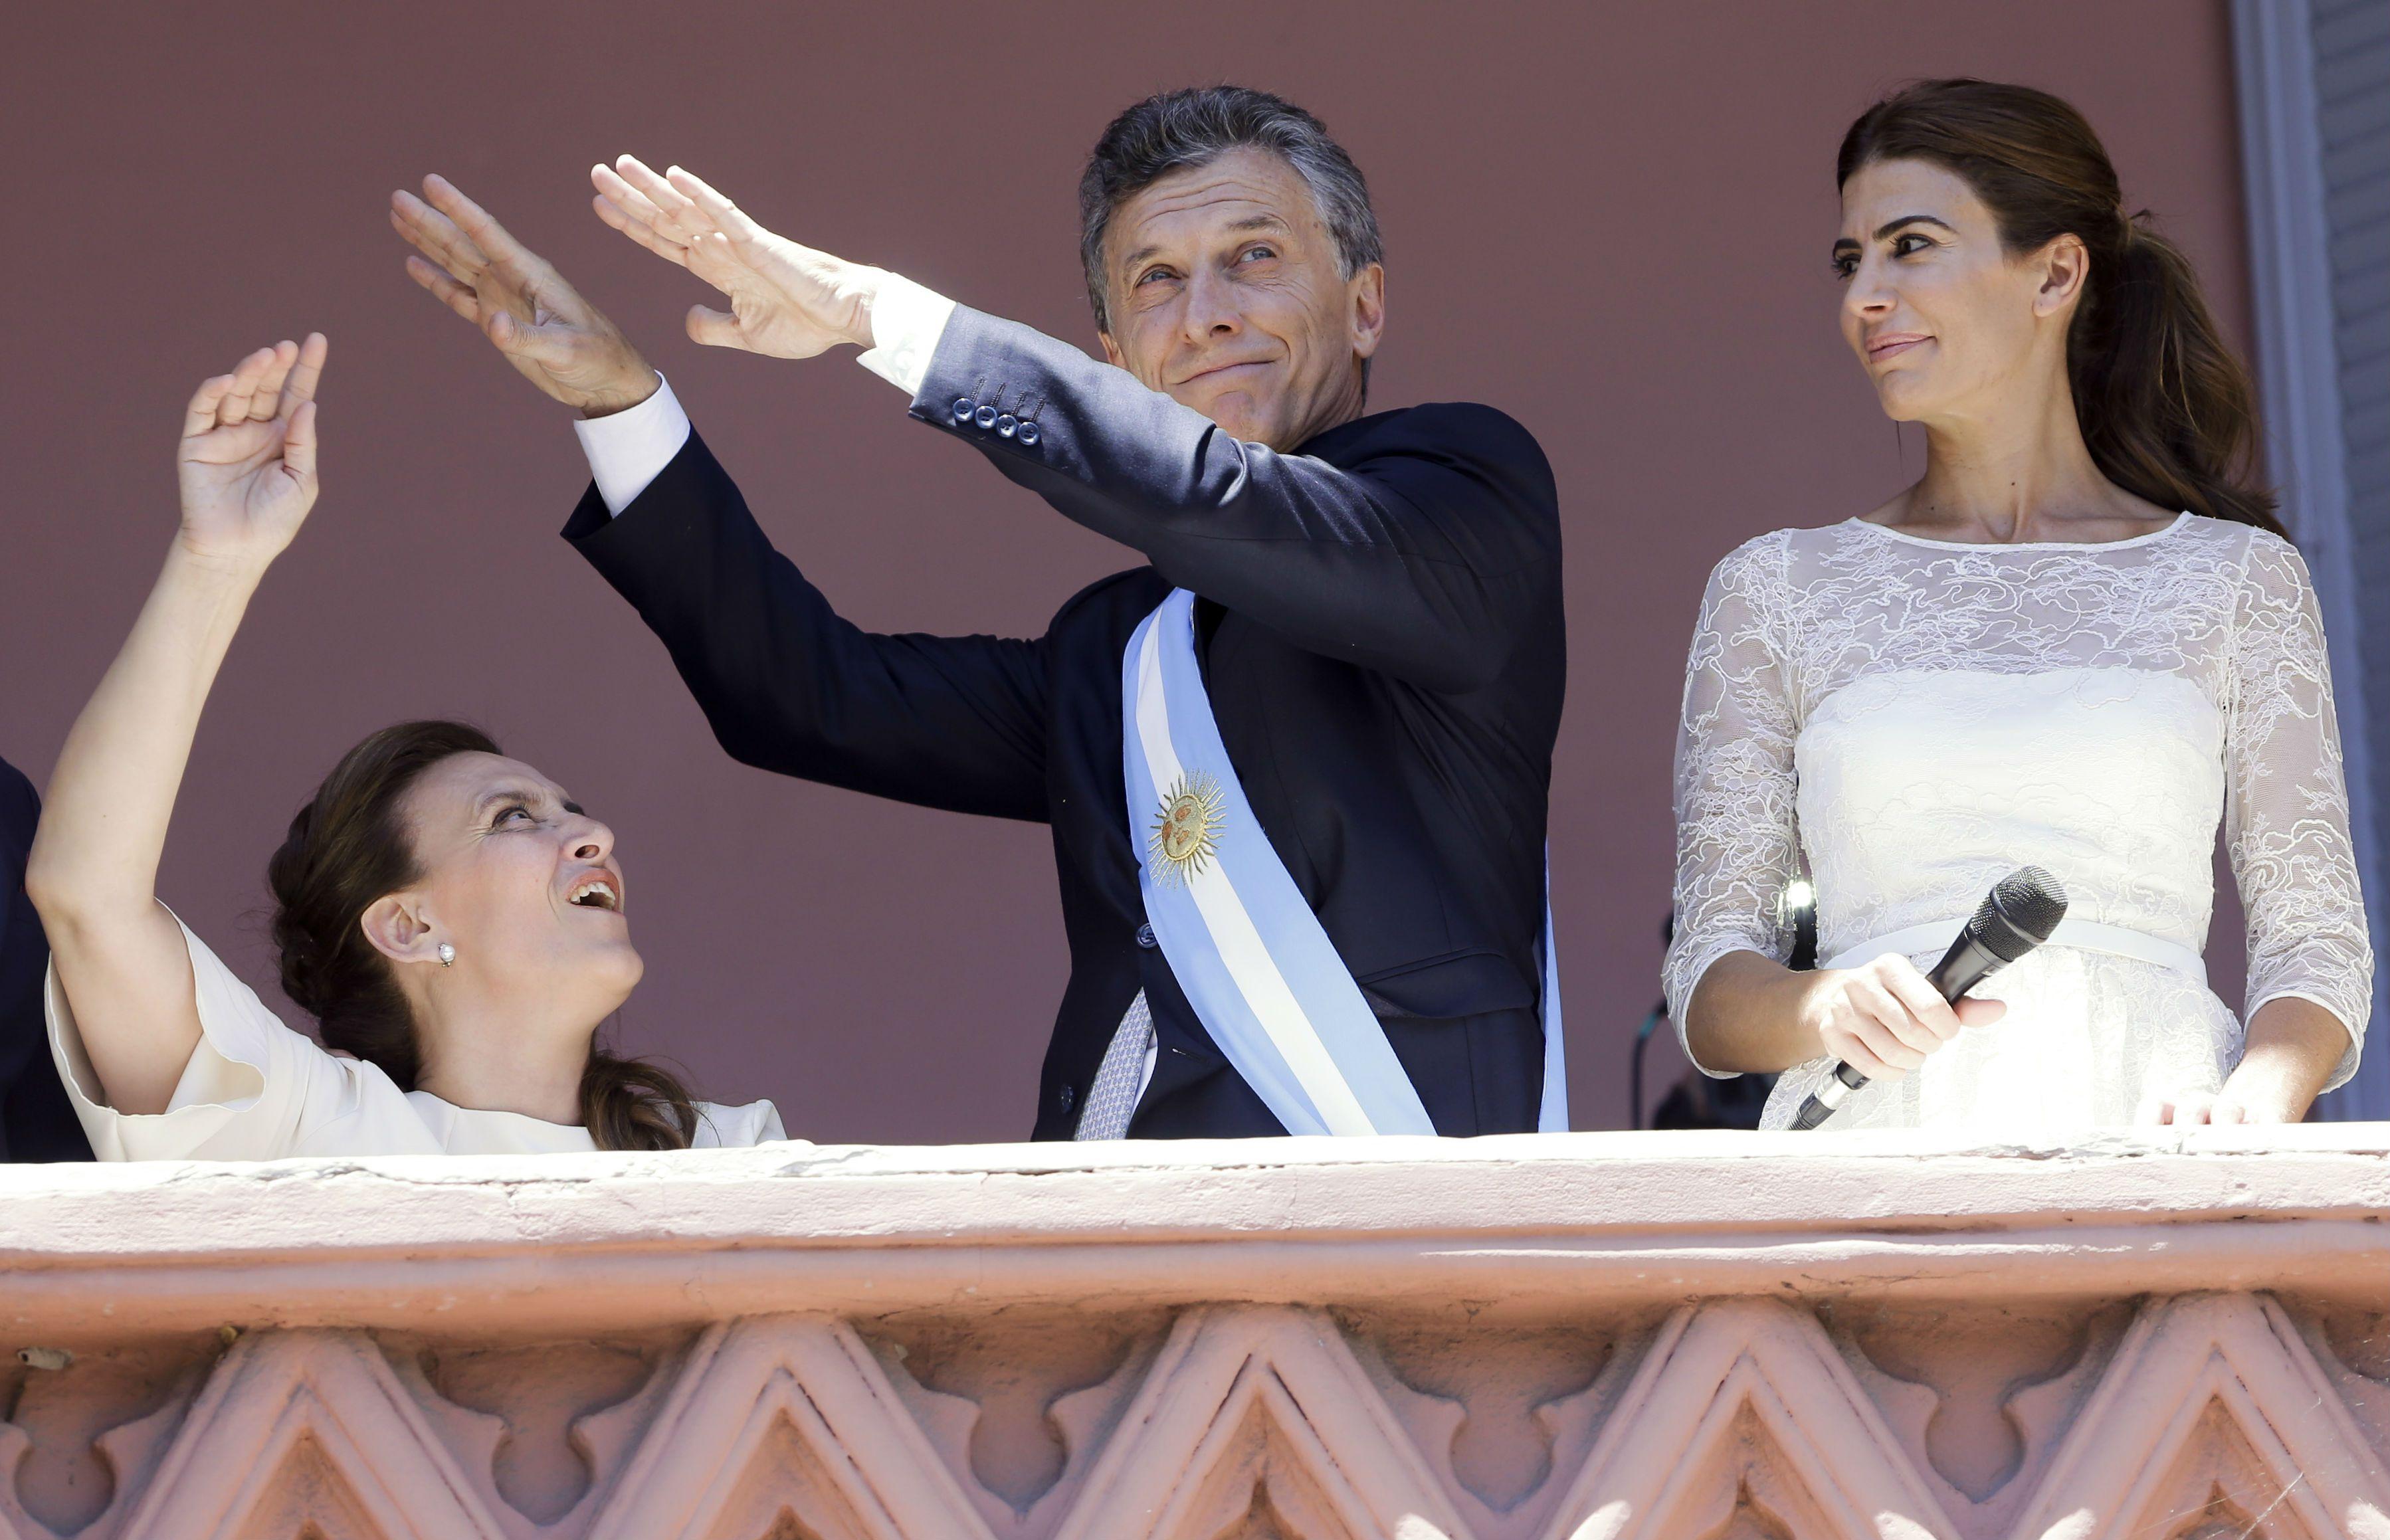 El presidente Mauricio Macri ensayó unos pasos de baile en el balcón de la Casa Rosada.